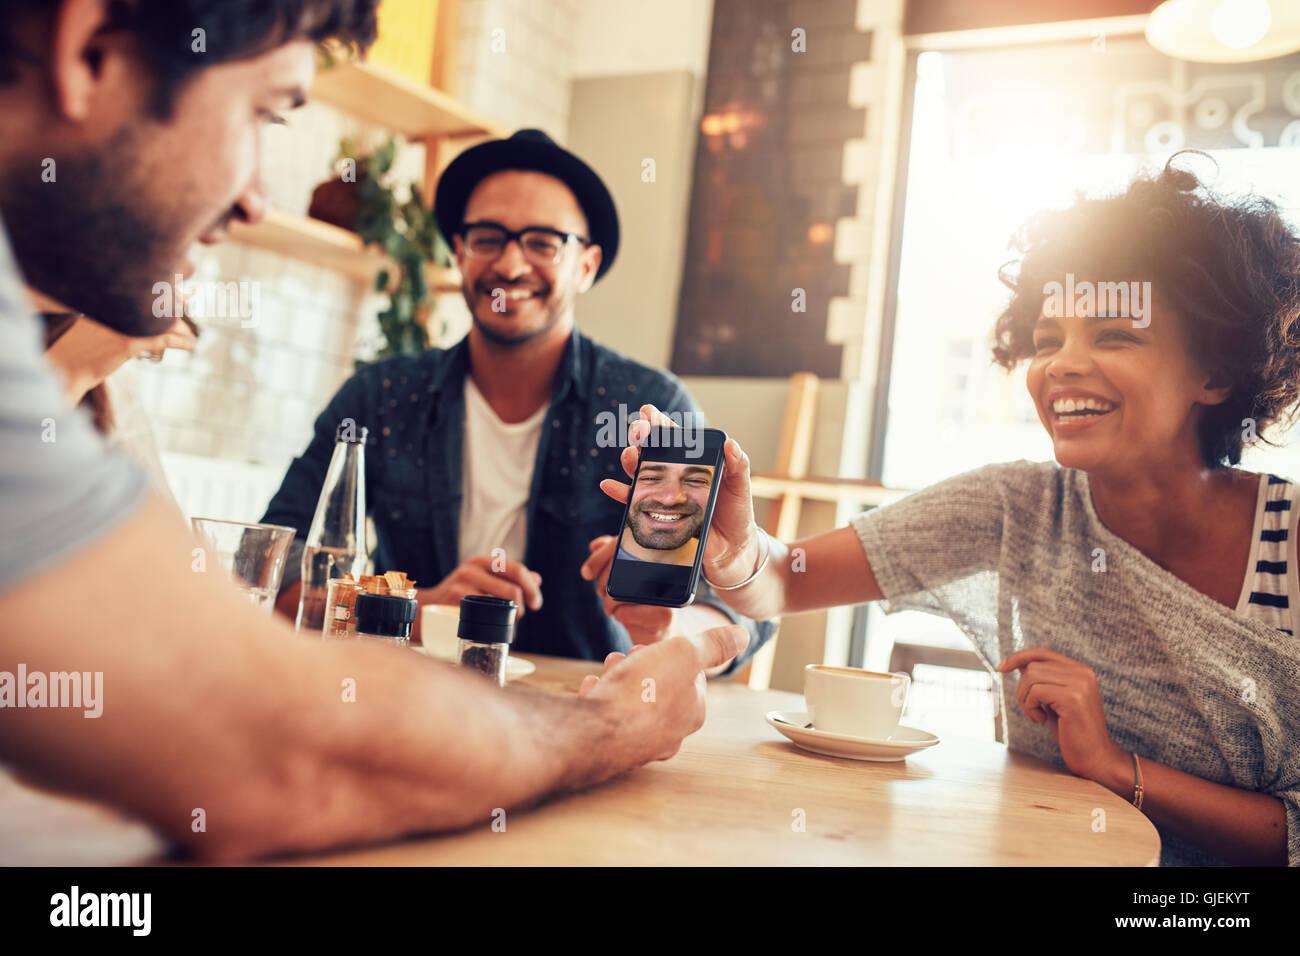 Porträt von glücklichen jungen Freunde im Café und betrachten der Fotos auf Smartphone. Gruppe von Stockbild